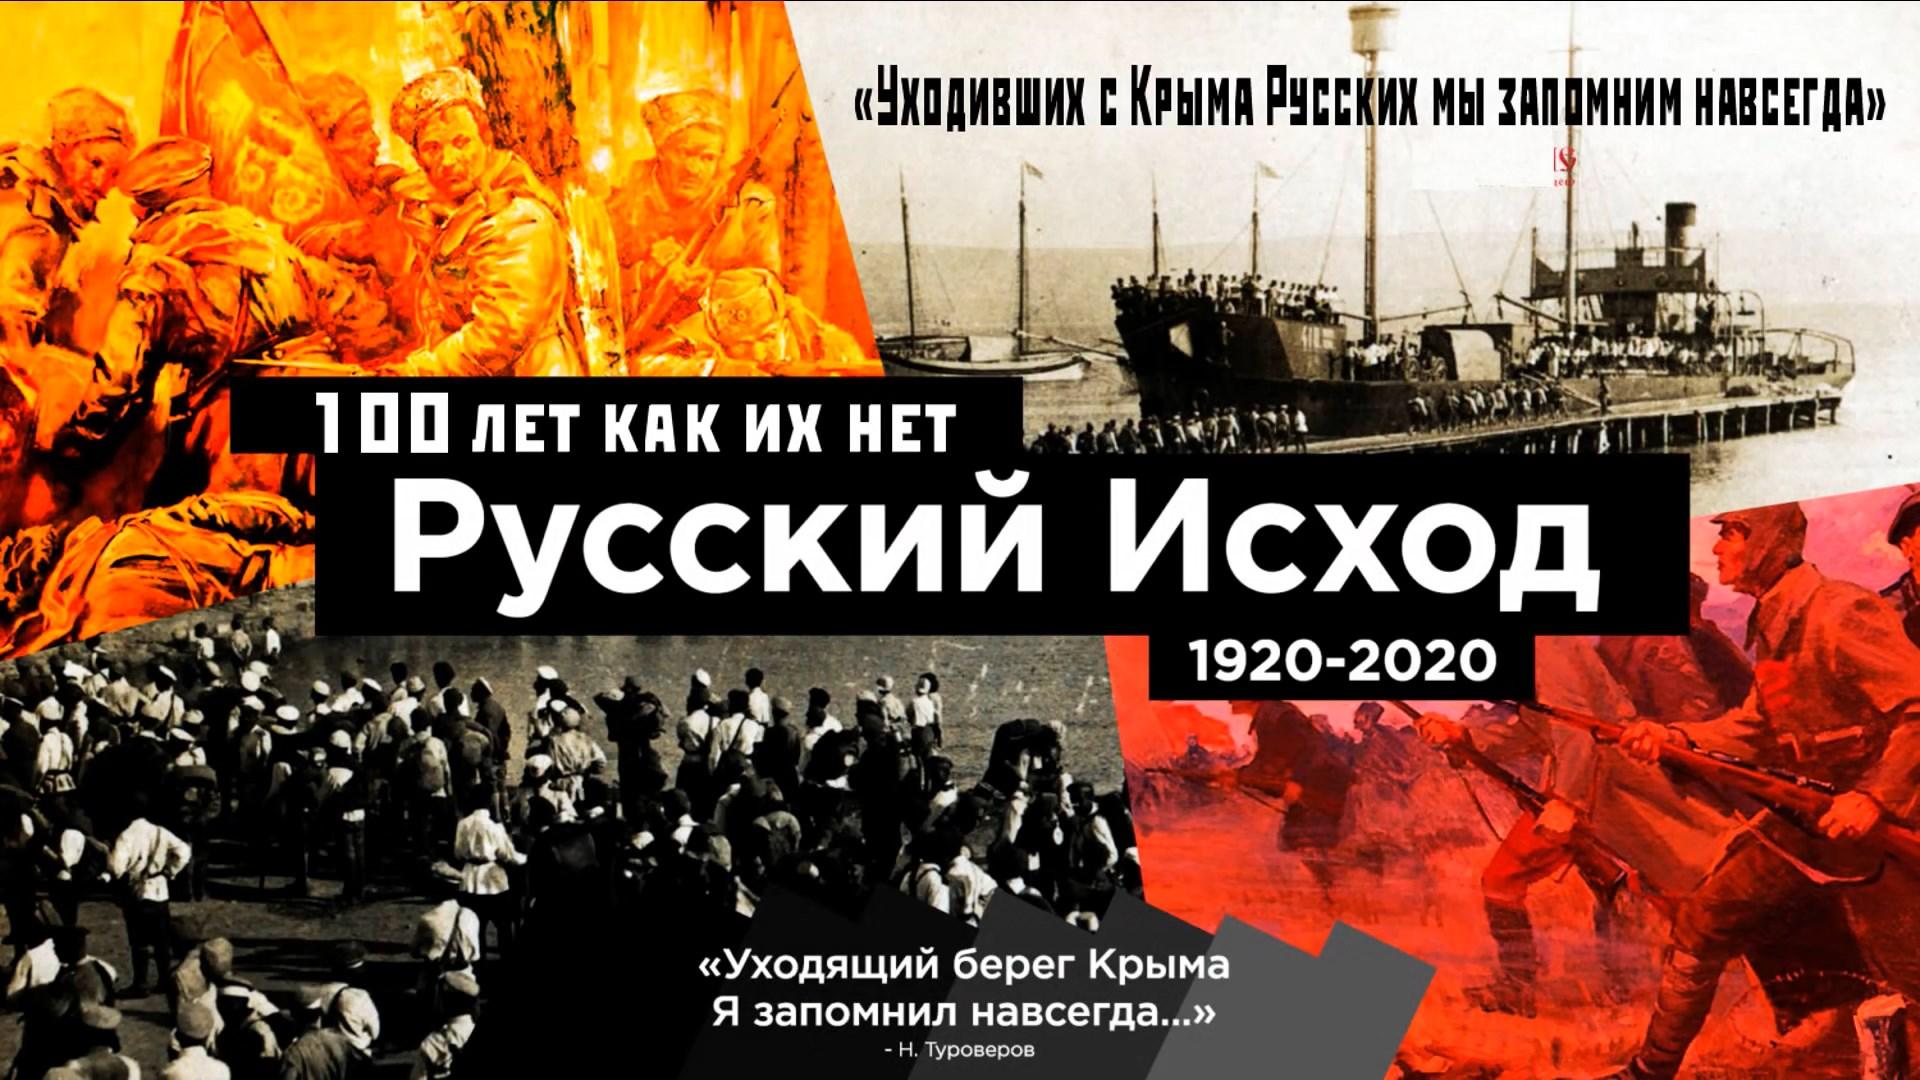 Ученики Русской школы  «МОЗАИКА» приготовили видеоклип к 100 летию Исхода Русской Армии из КРЫМА